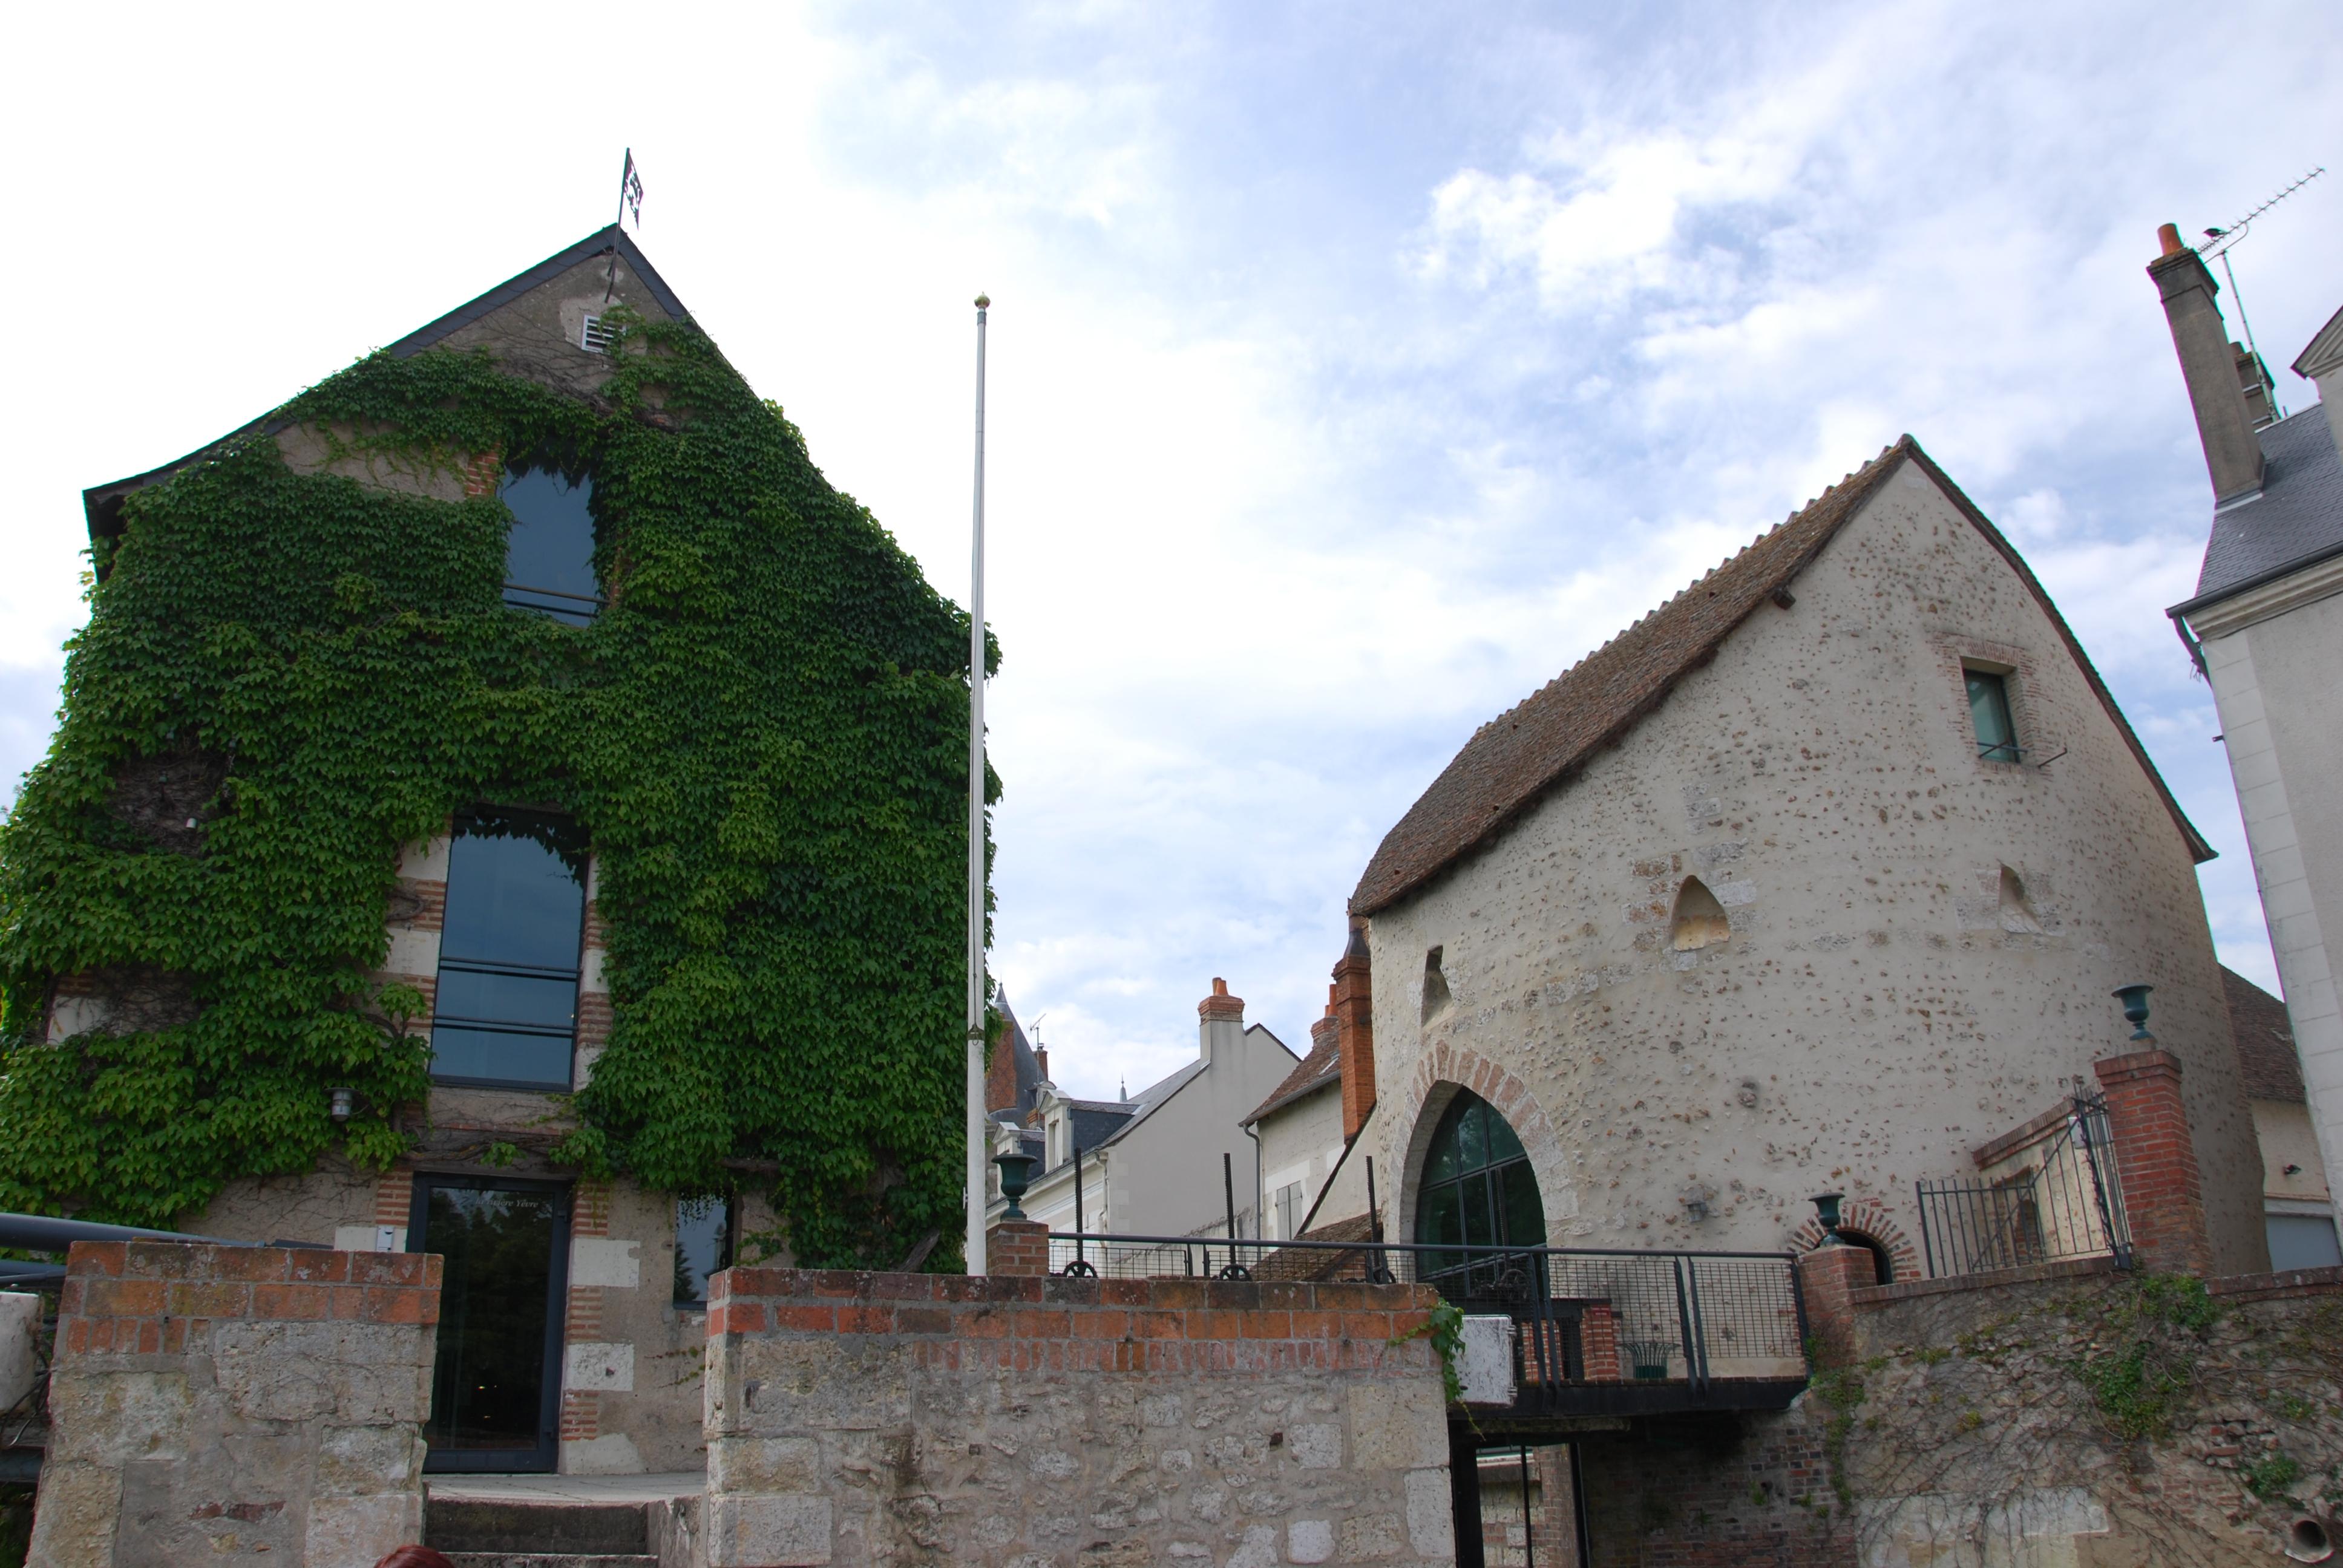 Le Moulin de la ville et la Tour Jacquemart